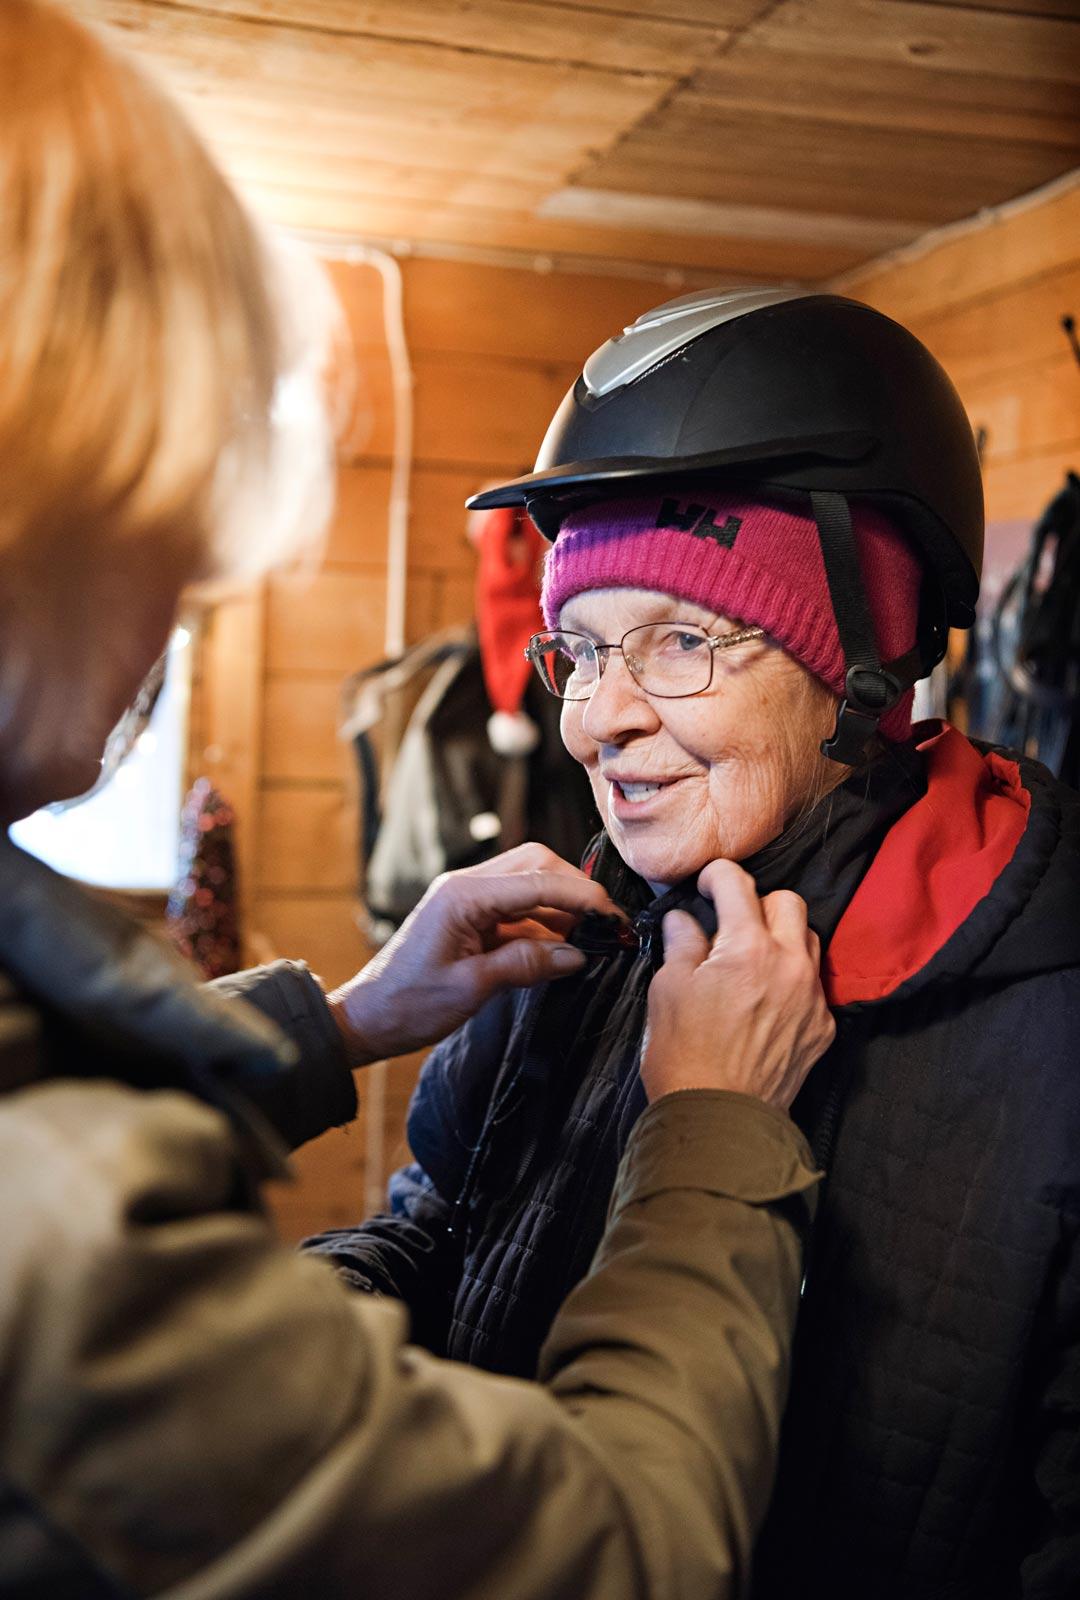 Ensin laitetaan kypärä päähän. Hetken arkailun jälkeen Irmeli muistaa, miten hevosten kanssa ollaan – rauhallisesti ja kuulostellen.